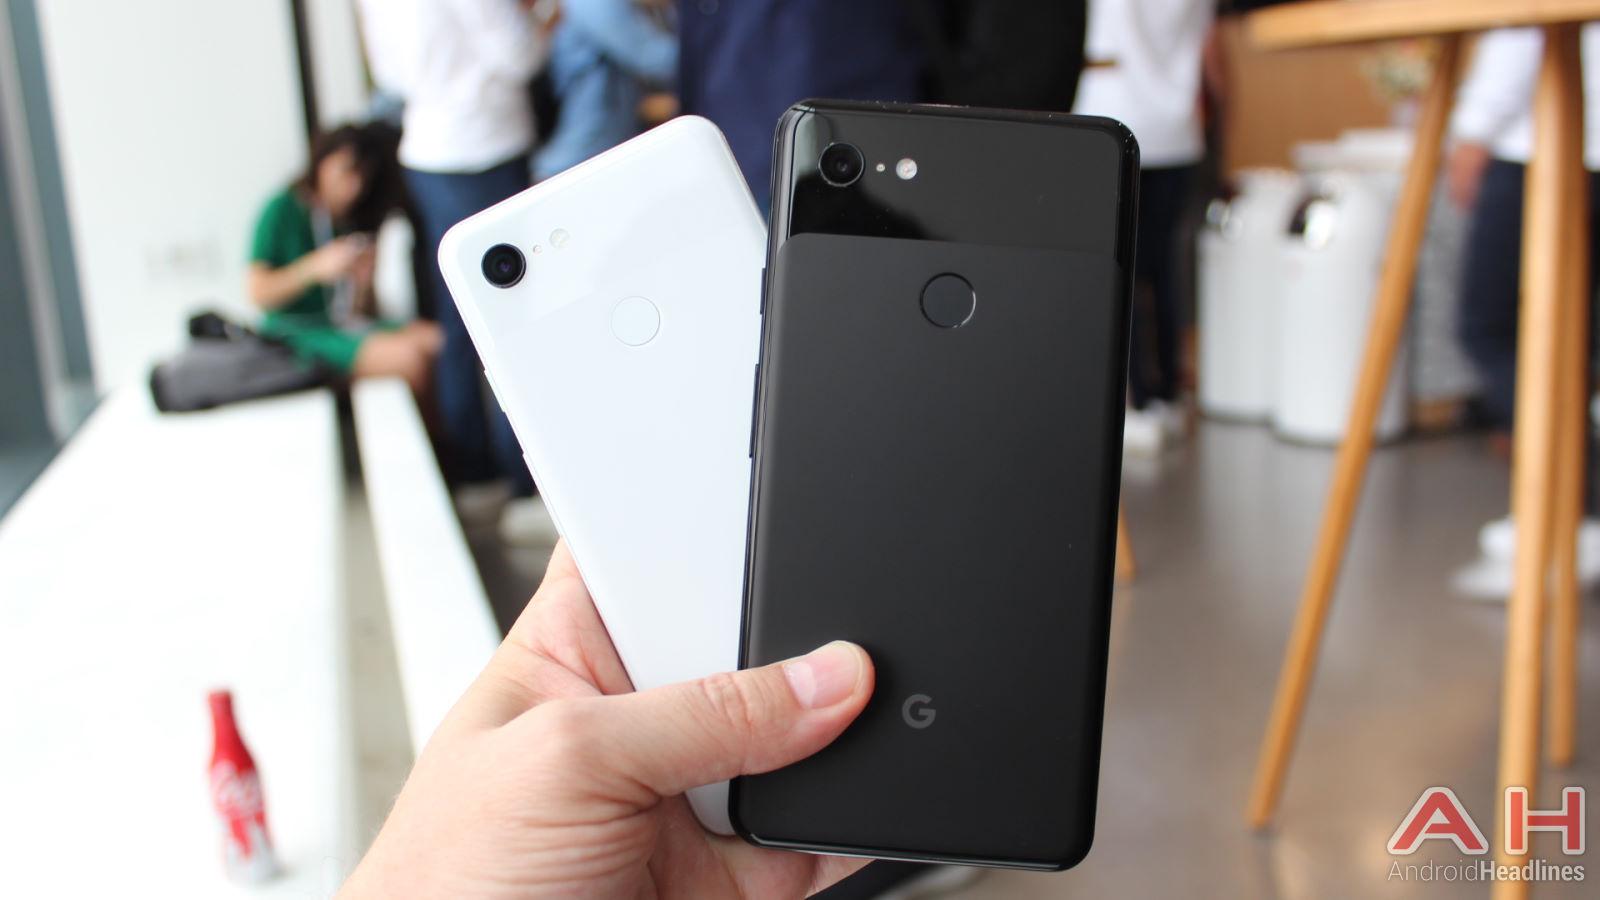 Google Pixel 3 & Pixel 3 XL Orders Beginning To Ship